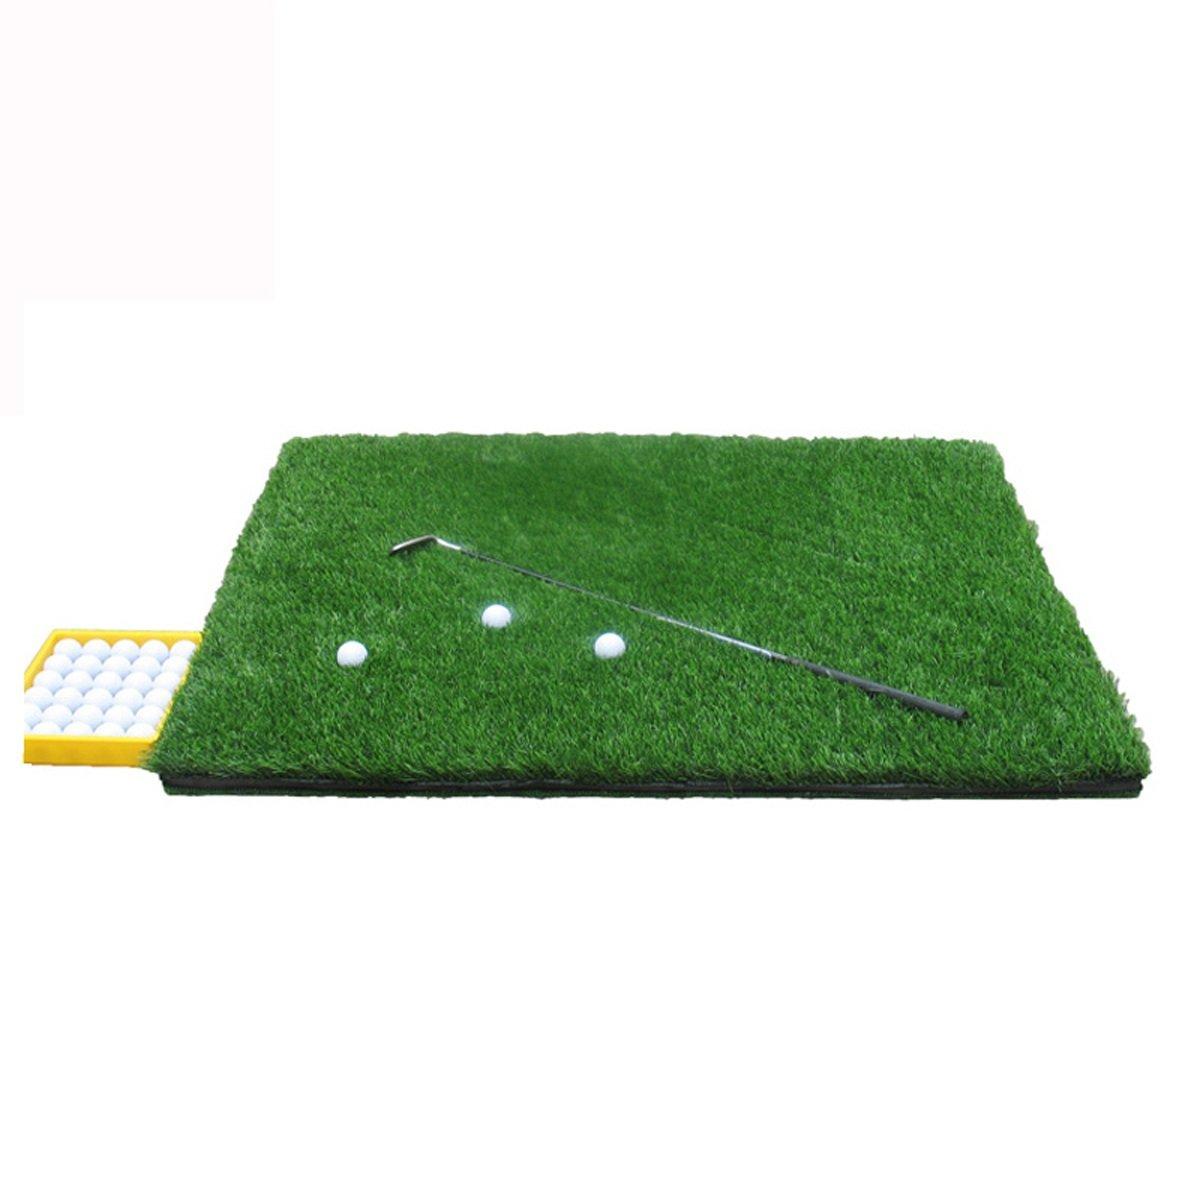 Golf putter pad Golf Practice Mat Golf Training Turf Mat Golf Driving Range Mat for Backyard Indoor Office